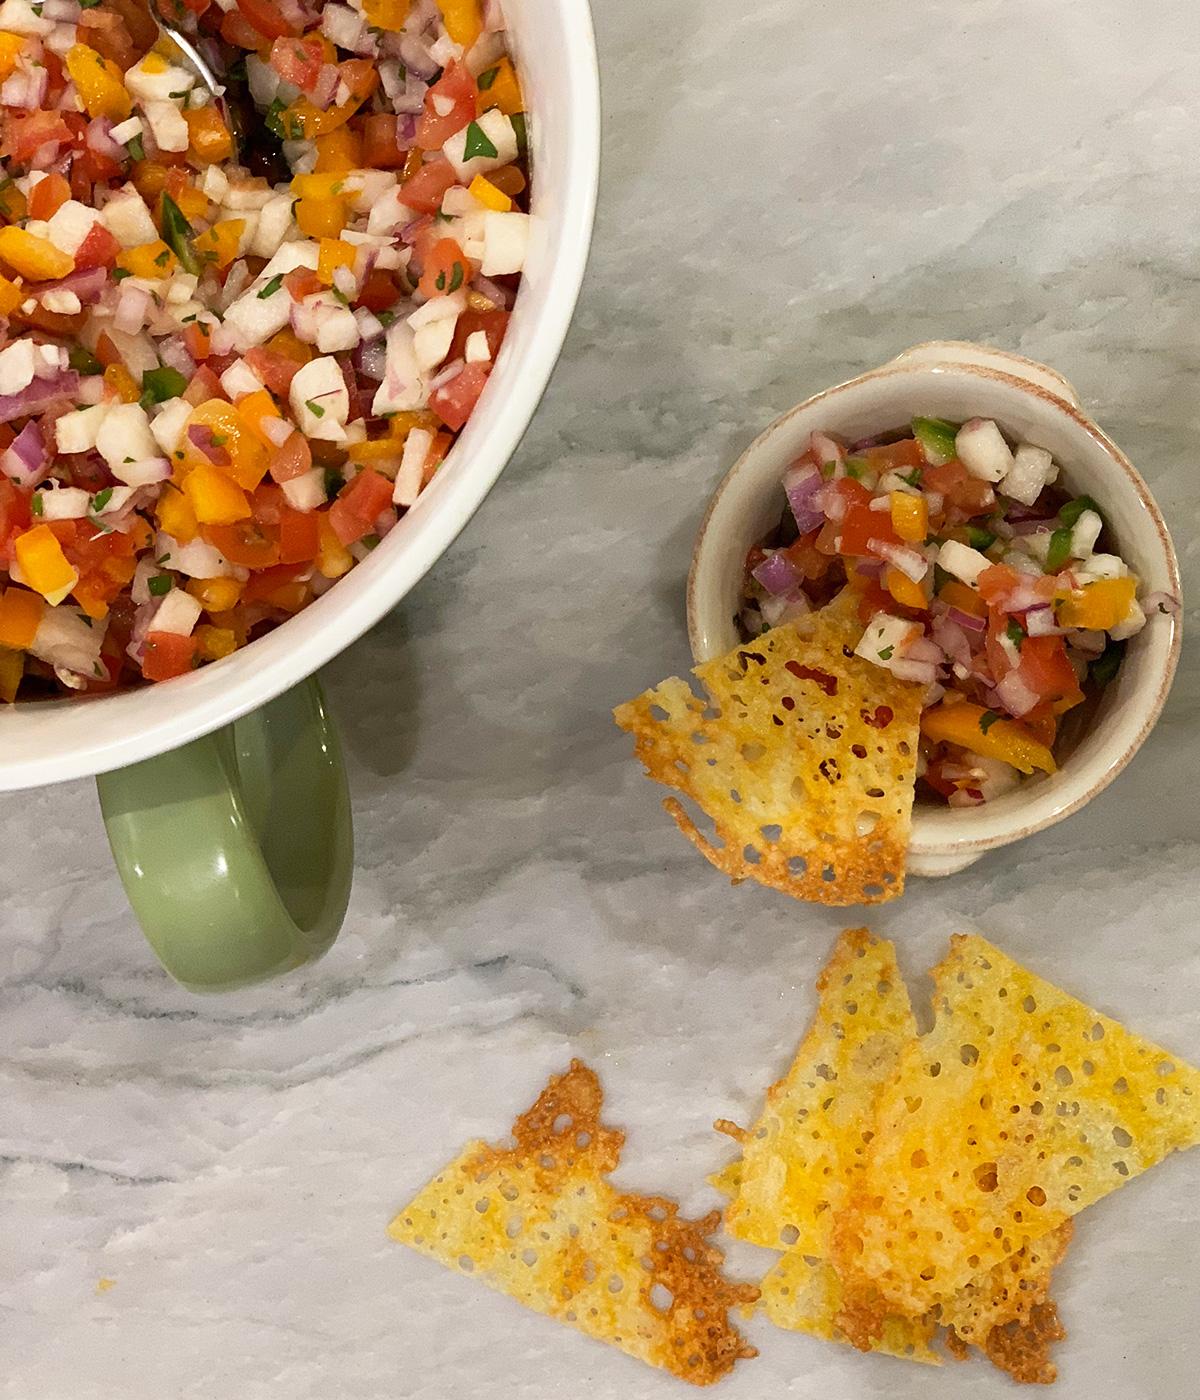 a small ramekin of pico de gallo next to a larger serving bowl